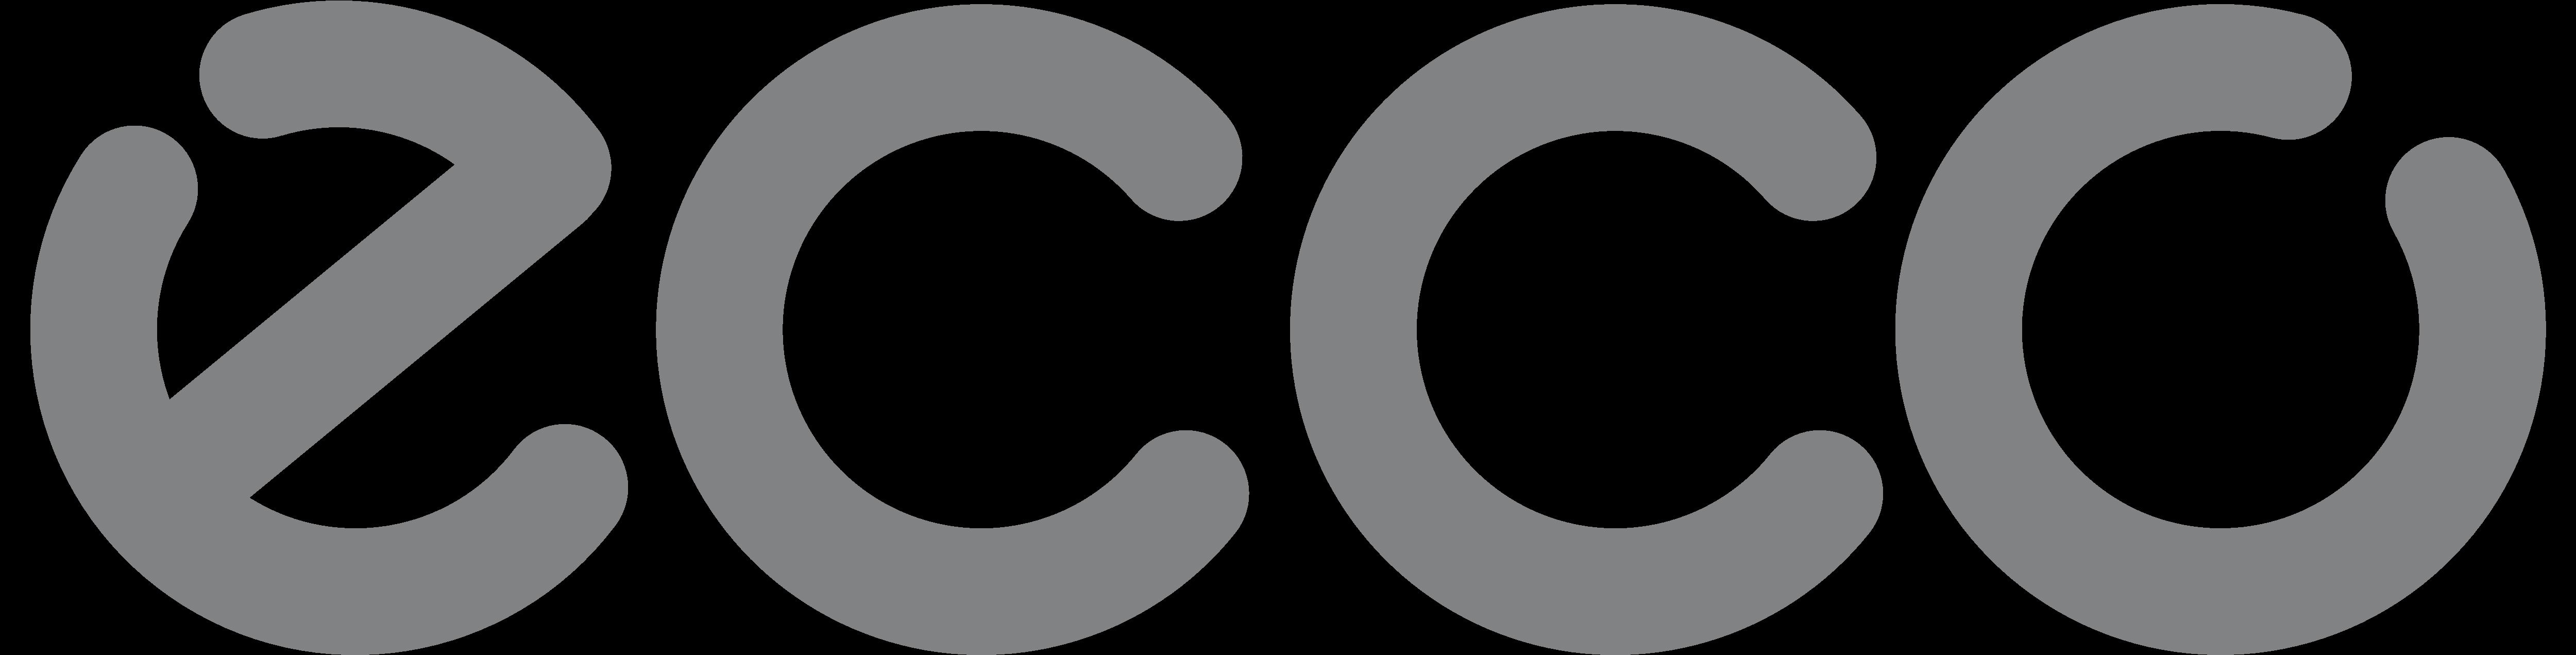 ECCO Logo Wallpaper